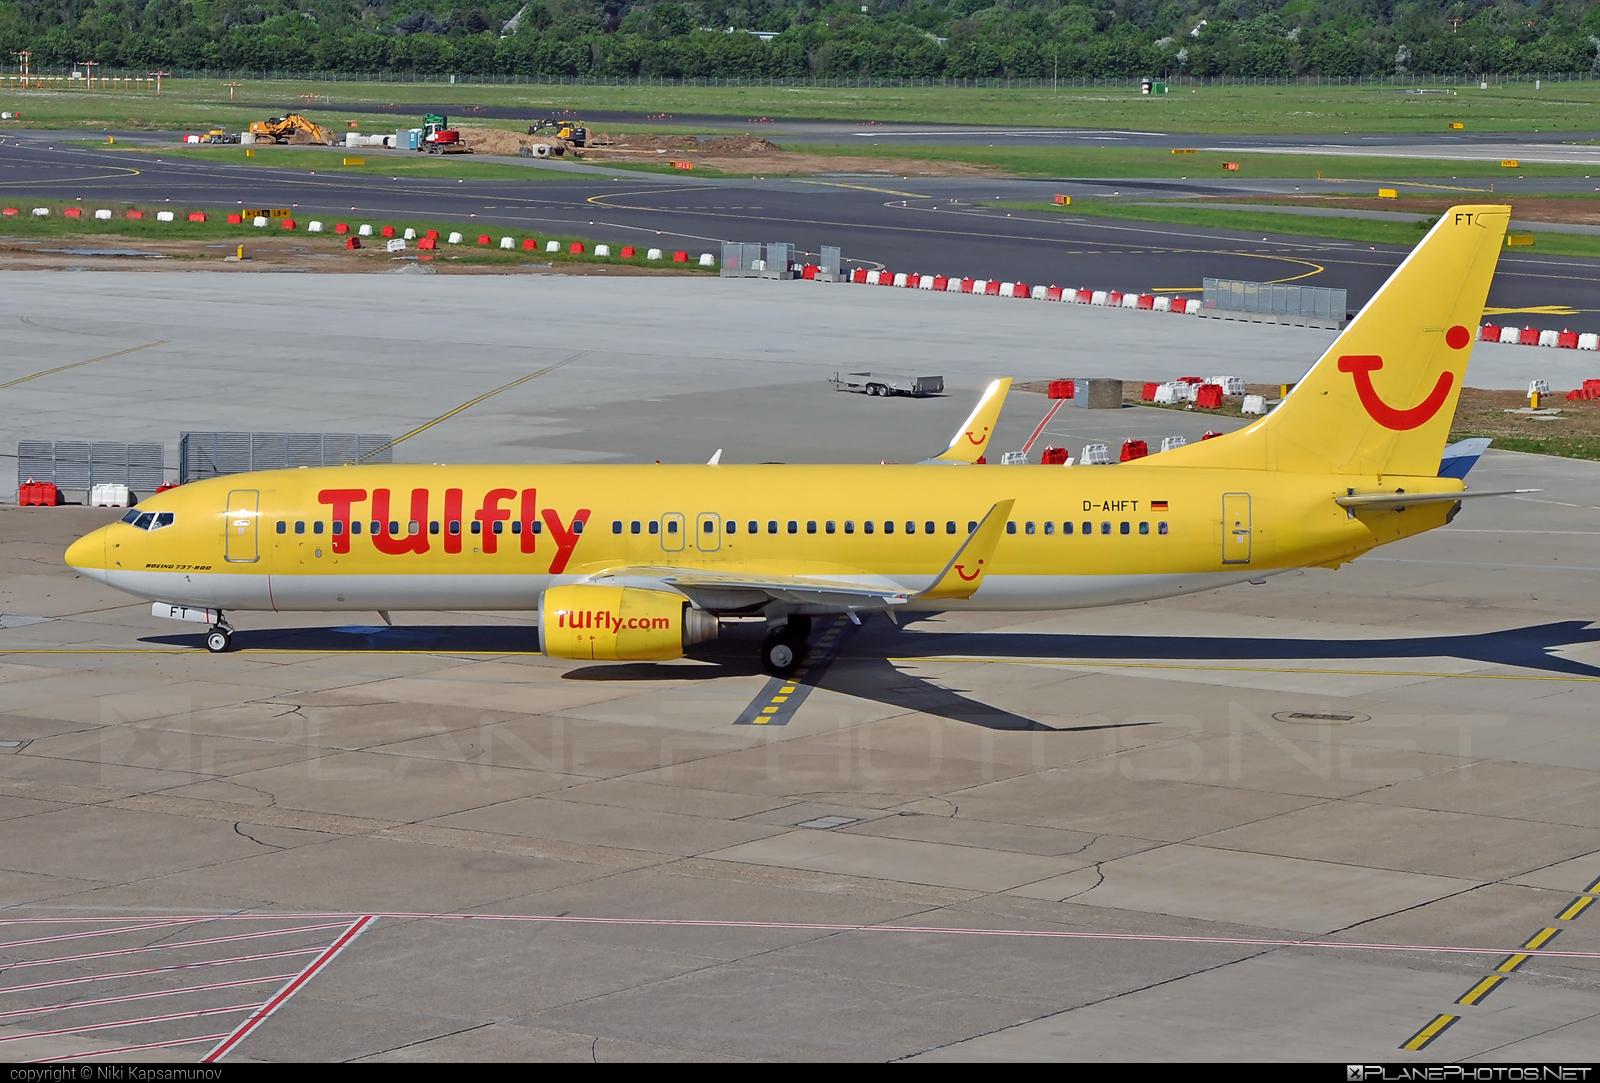 Boeing 737-800 - D-AHFT operated by TUIfly #b737 #b737nextgen #b737ng #boeing #boeing737 #tui #tuifly